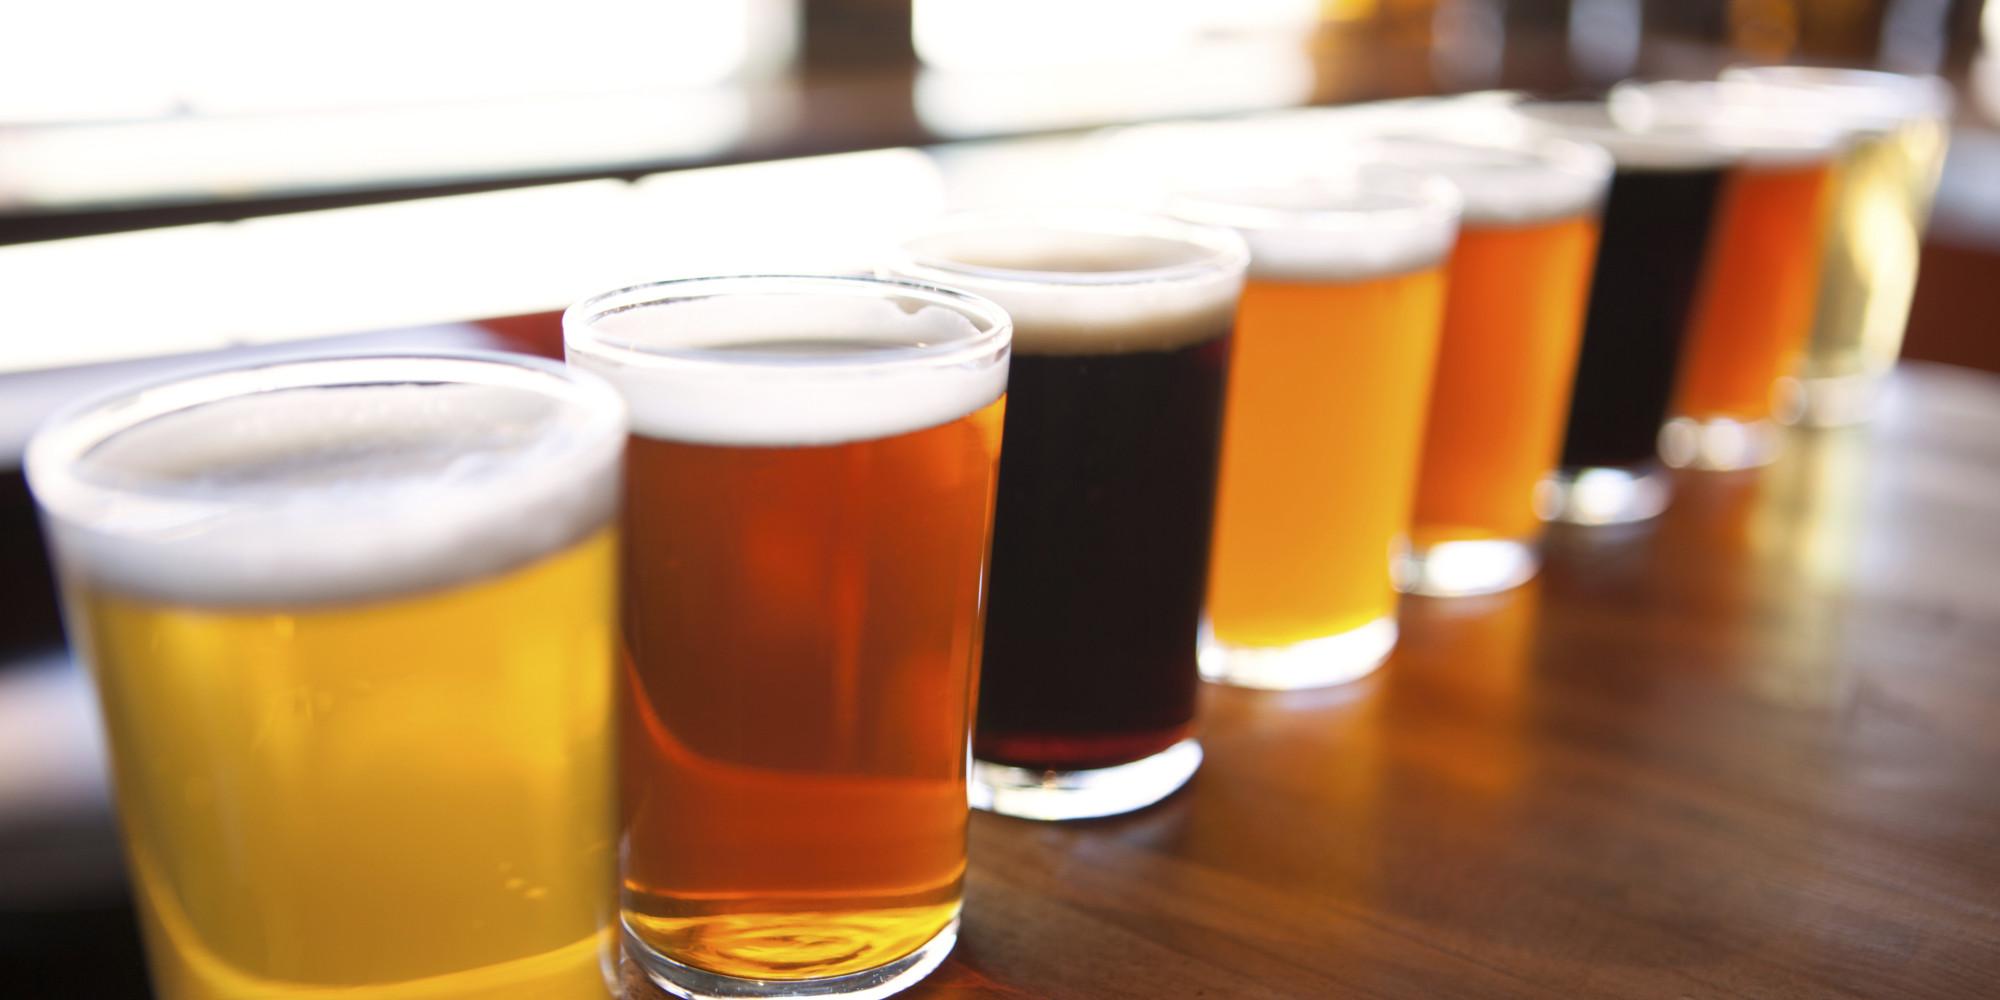 ¿Son mejores las cervezas artesanales?